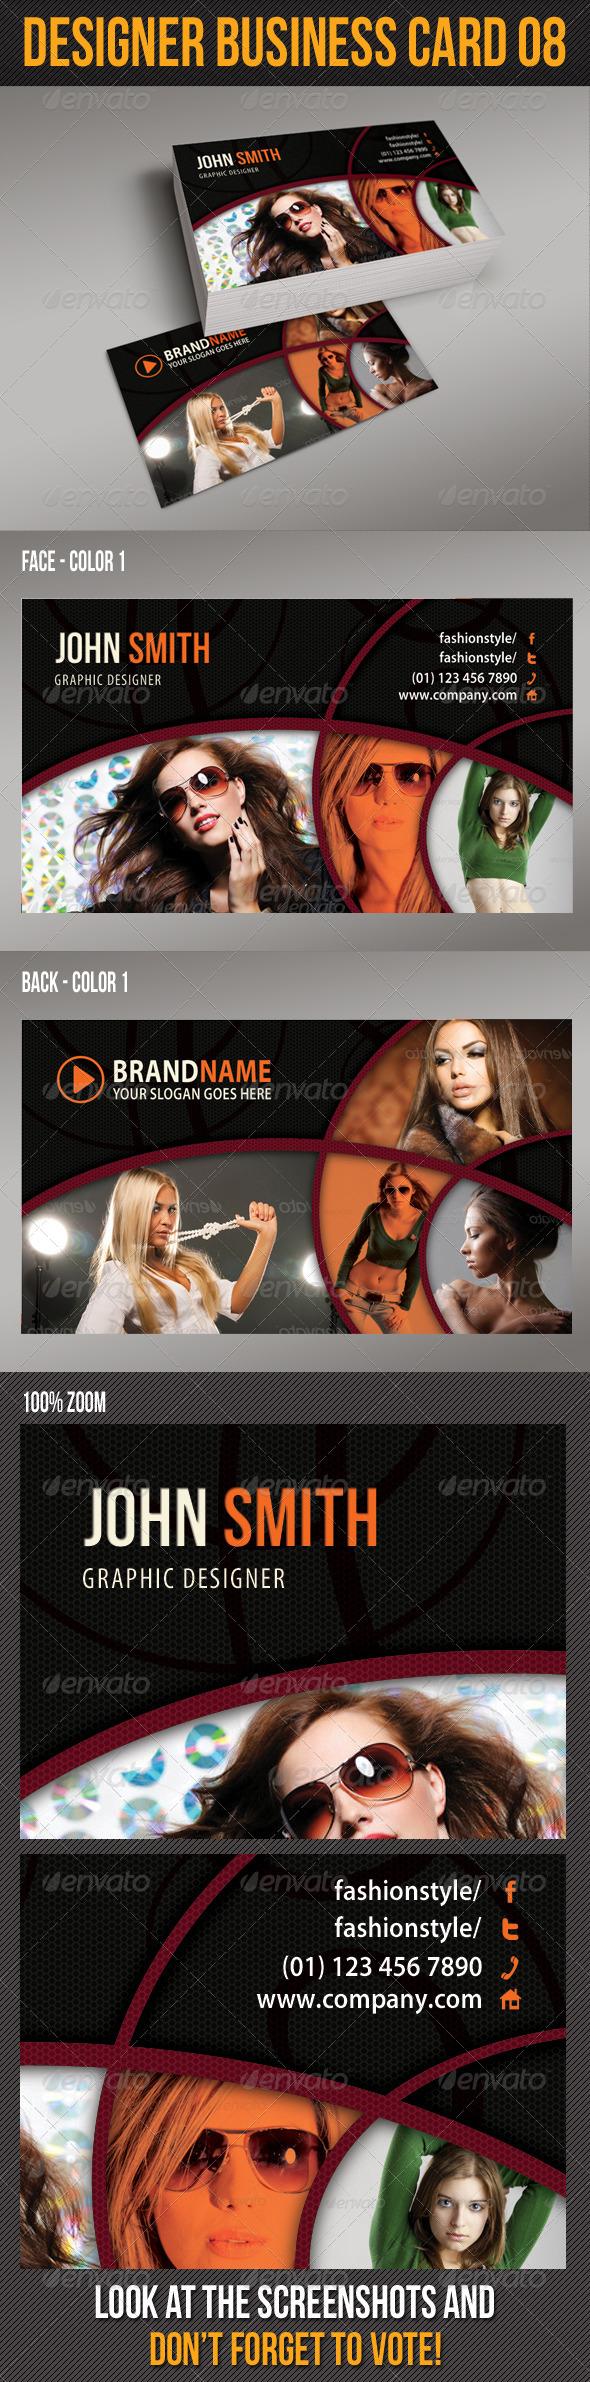 GraphicRiver Designer Business Card 08 6368562